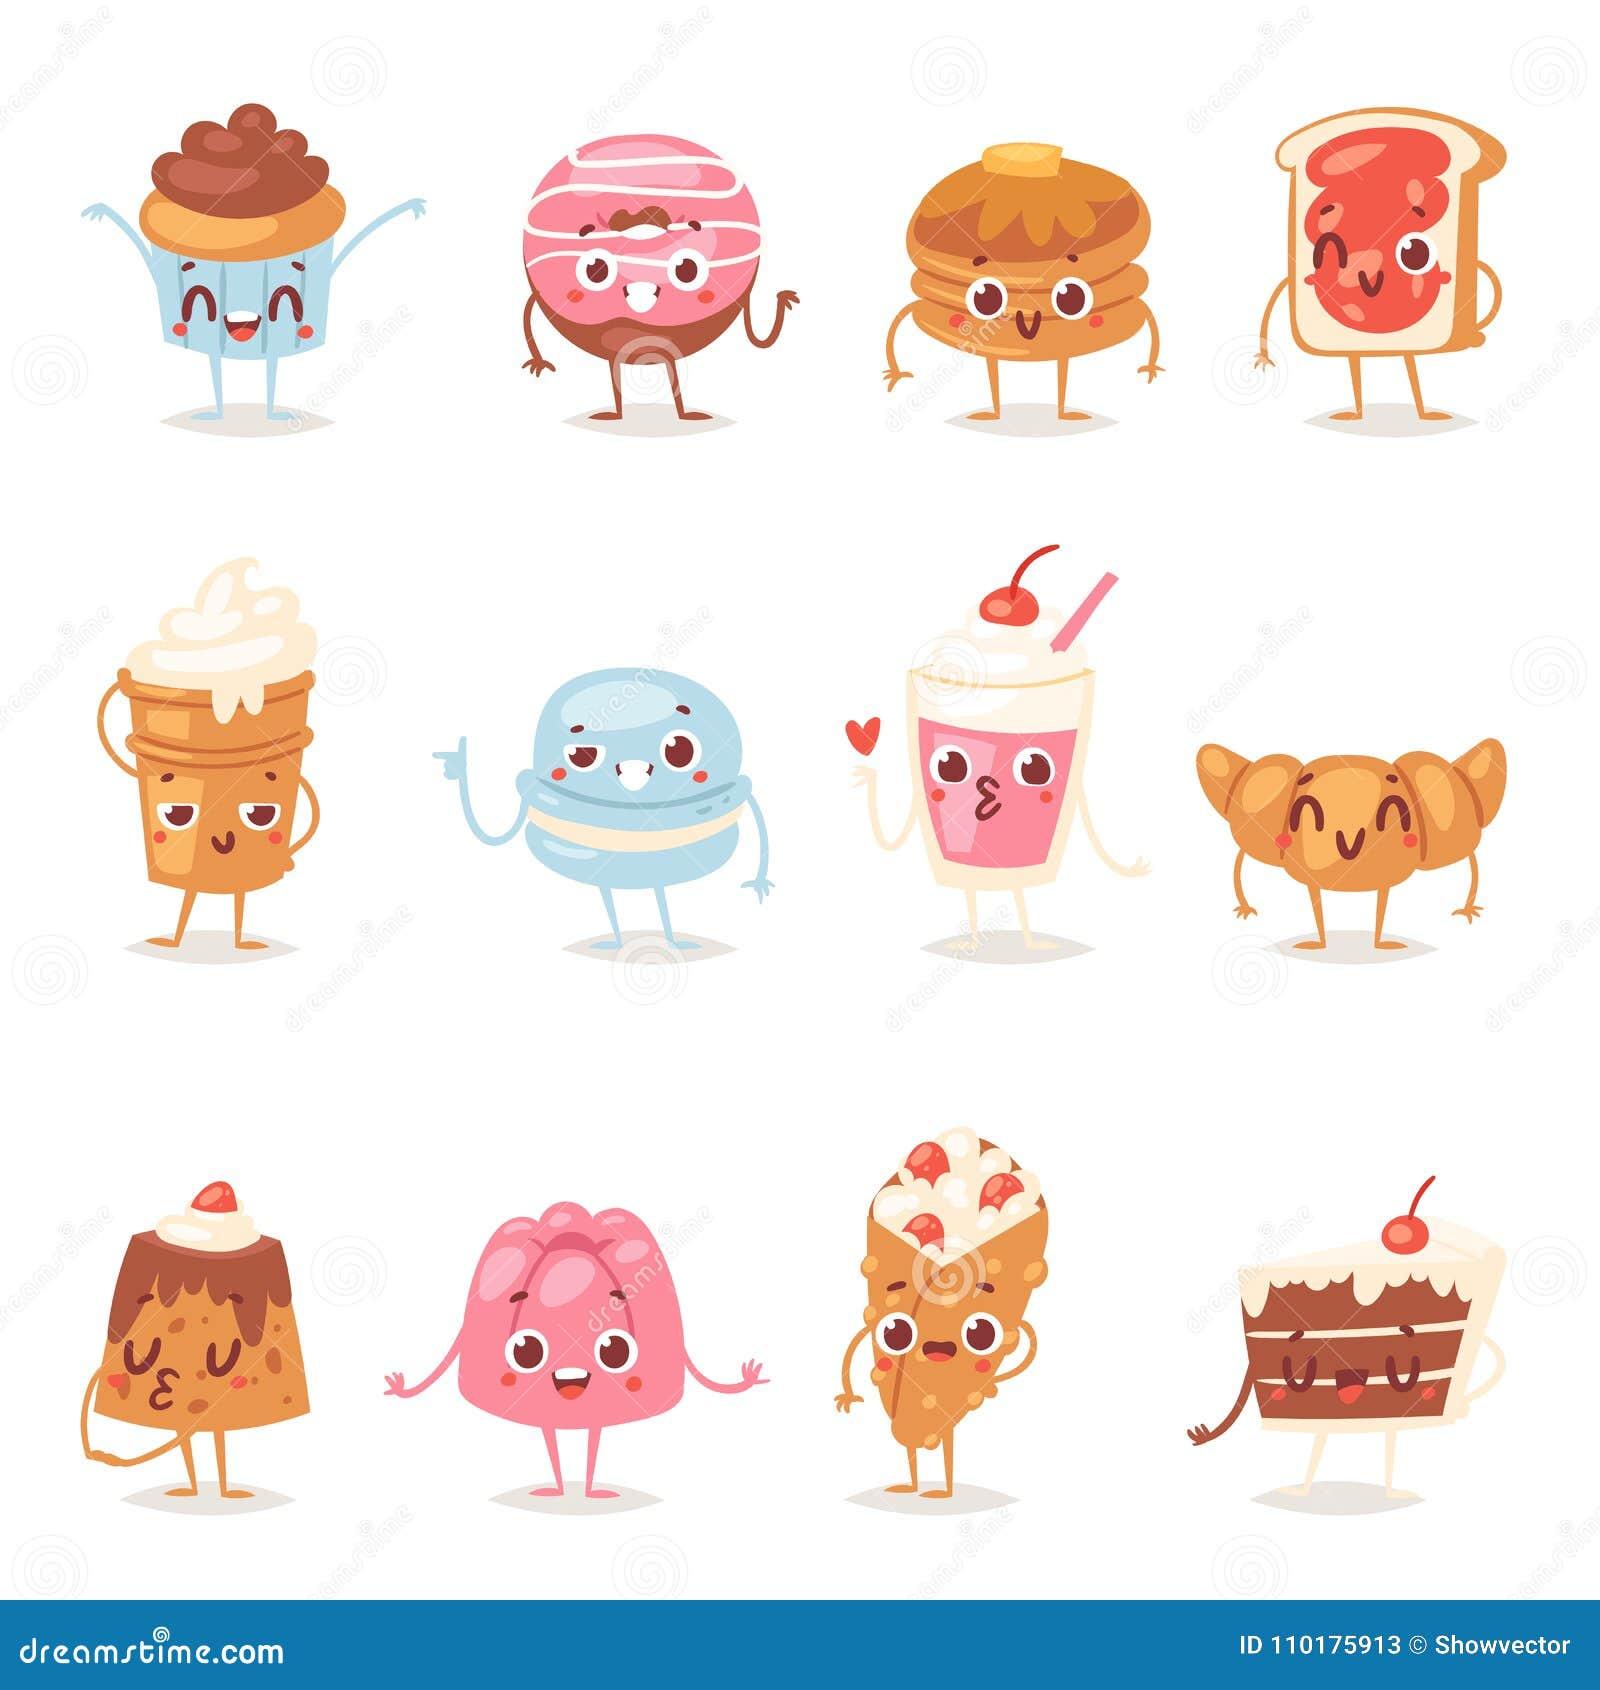 Διανυσματική συγκίνηση βιομηχανιών ζαχαρωδών προϊόντων γλυκών σοκολάτας χαρακτήρα κέικ κινούμενων σχεδίων cupcake και γλυκό επιδό